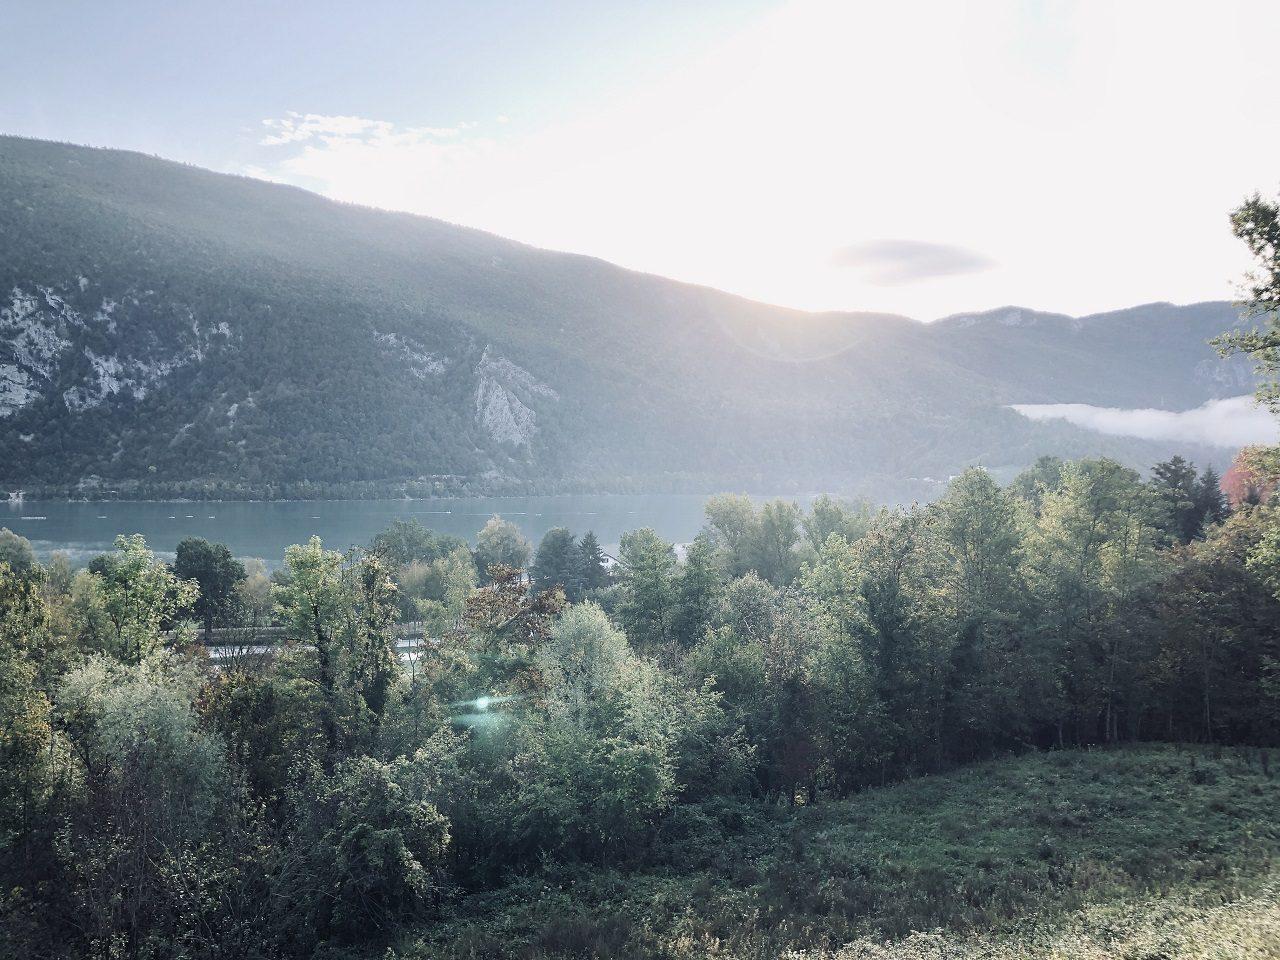 paysages sur la route france - italie (2)